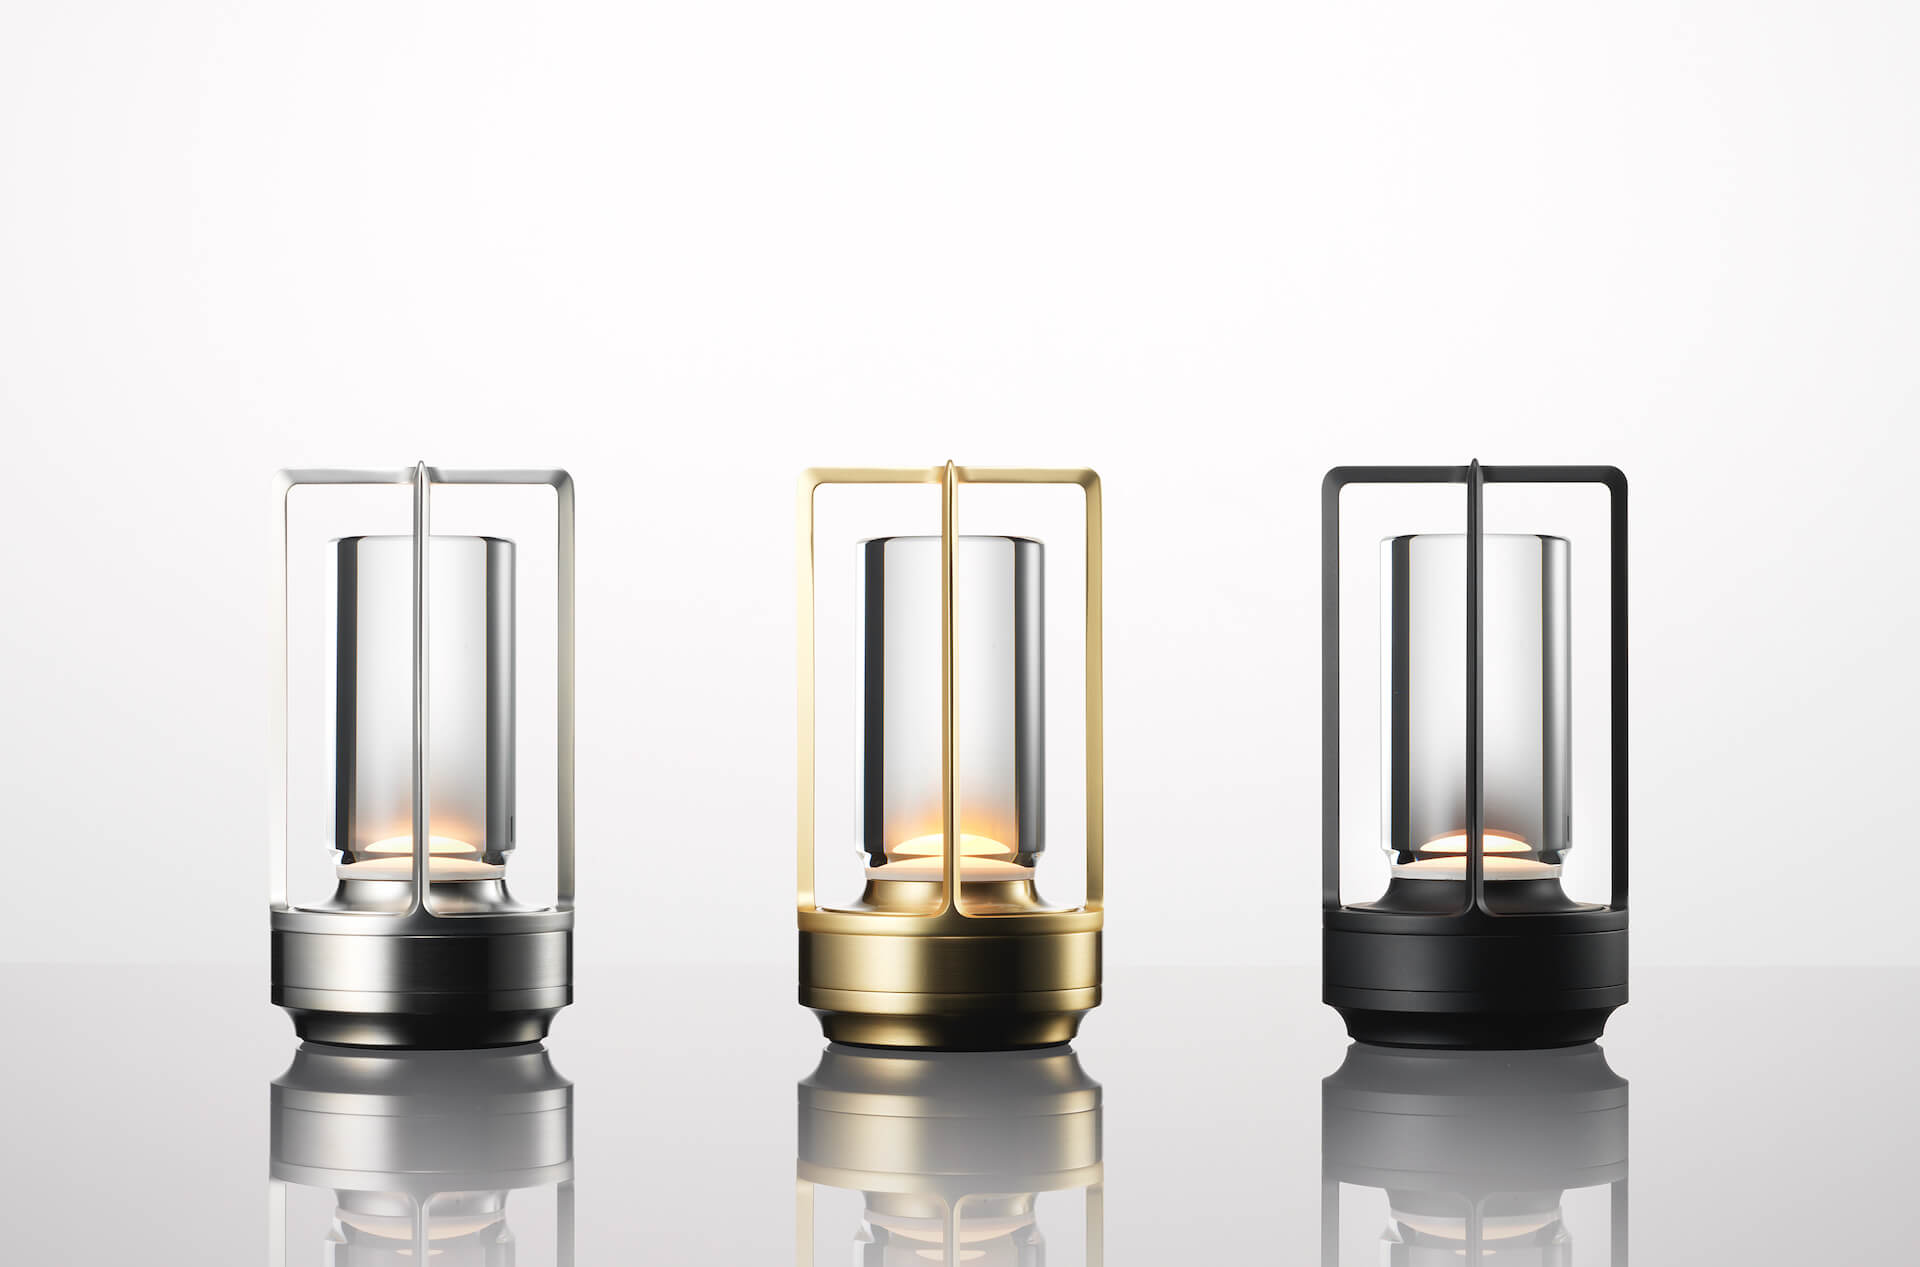 アンビエント照明「TURN+」が発売決定|ステンレス、真鍮、アルミブラックの3種 tech210407_turnplus_3